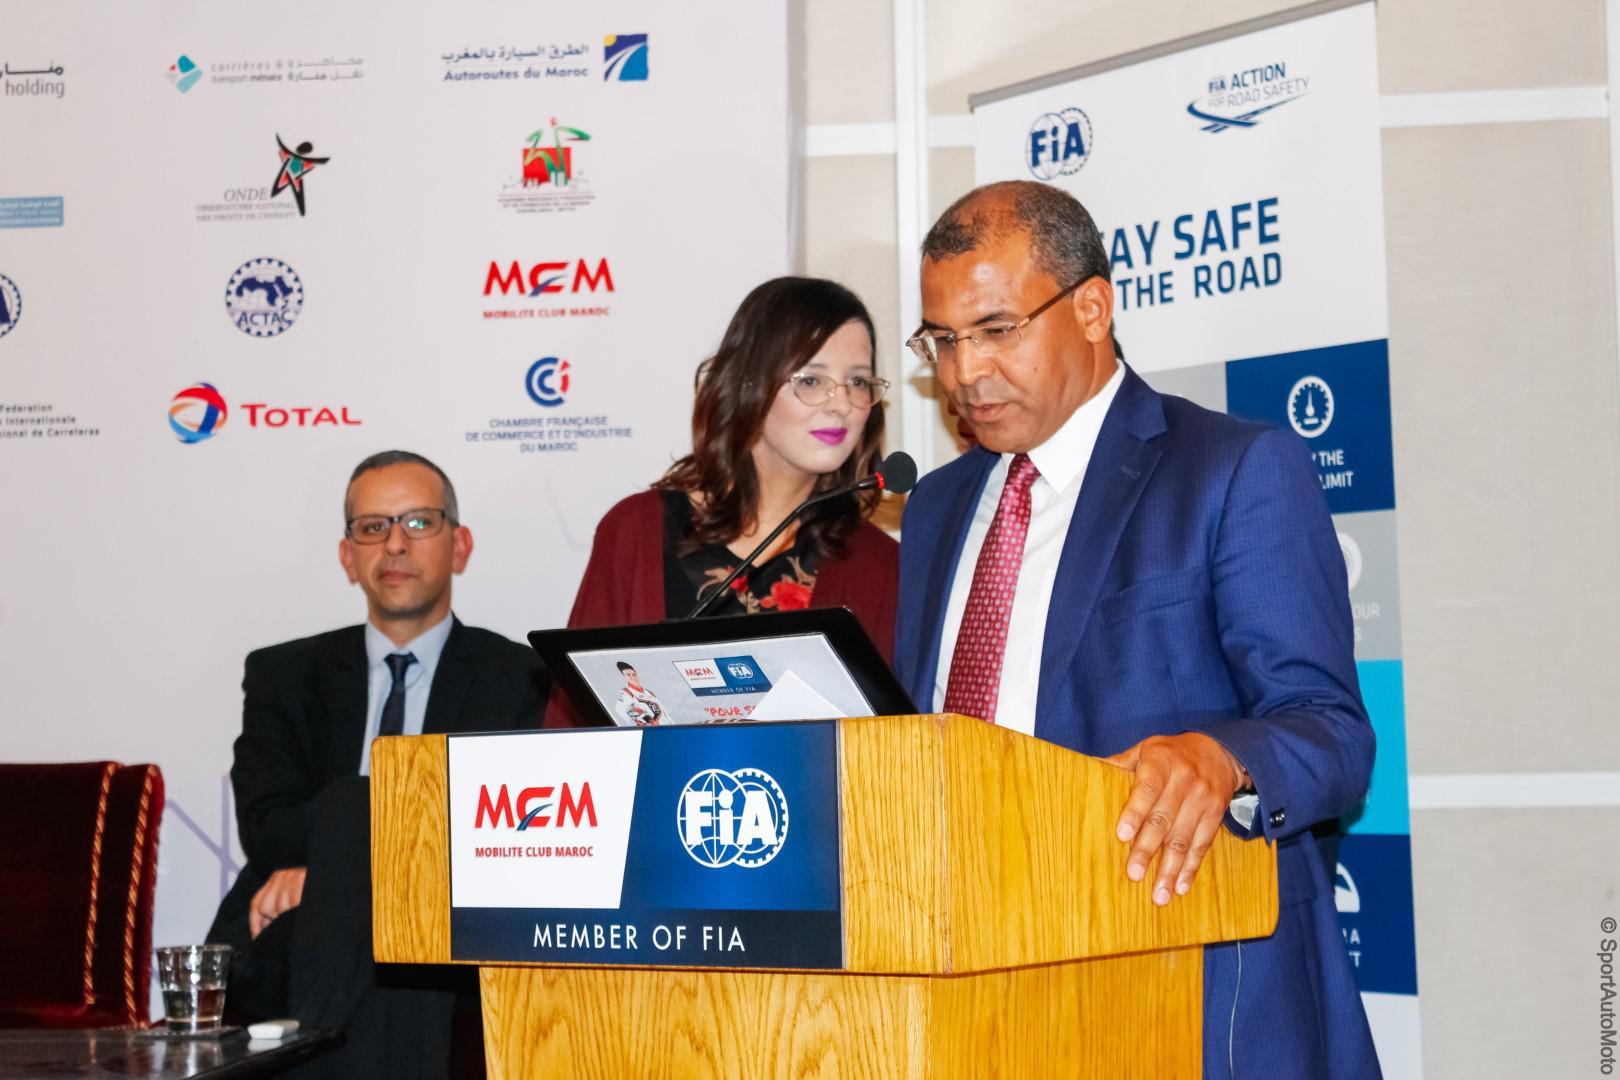 mobilite-club-maroc-mcm-devoile-son-programme-et-ses-partenariats-786-13.jpg